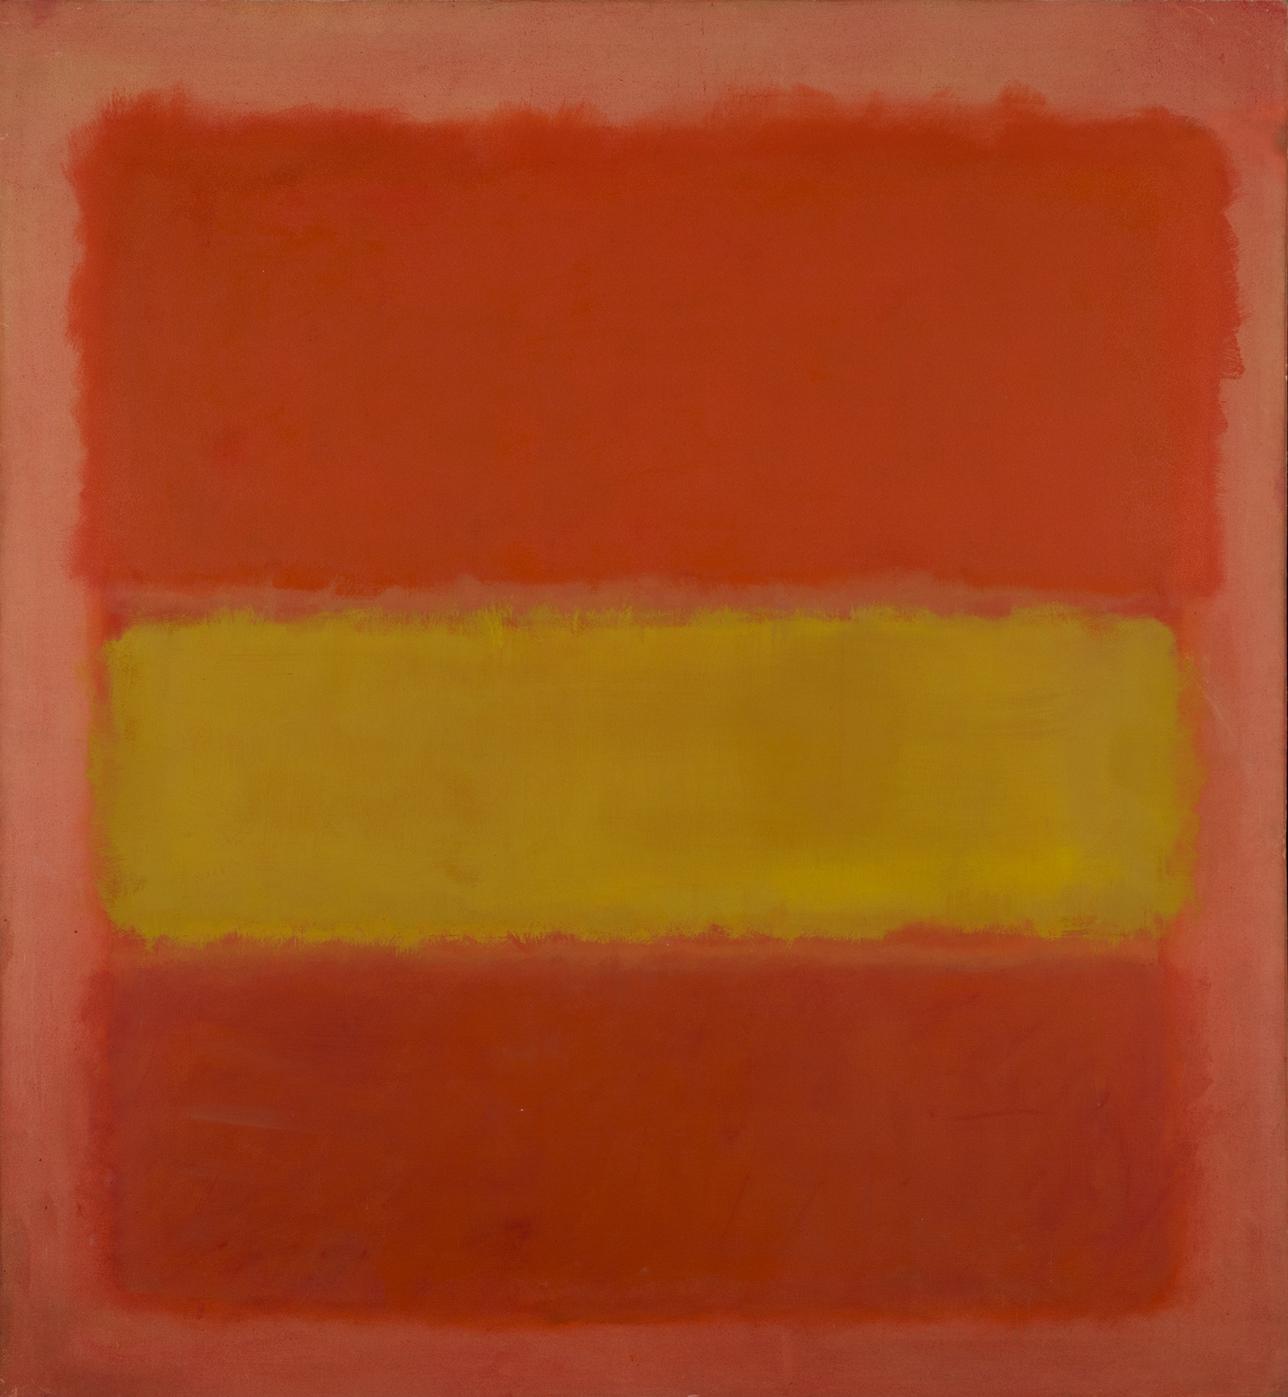 Mark Rothko, Yellow Band, 1956